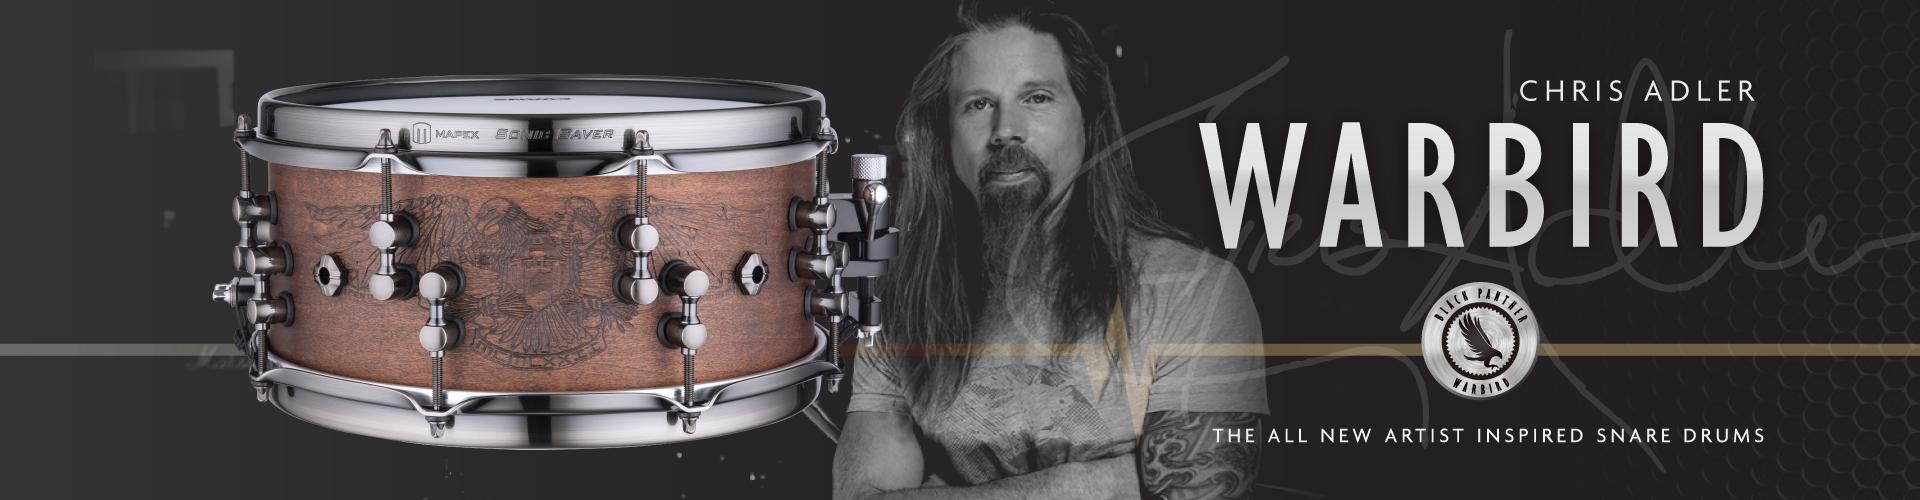 Warbird - Chris Adler Artist Snare